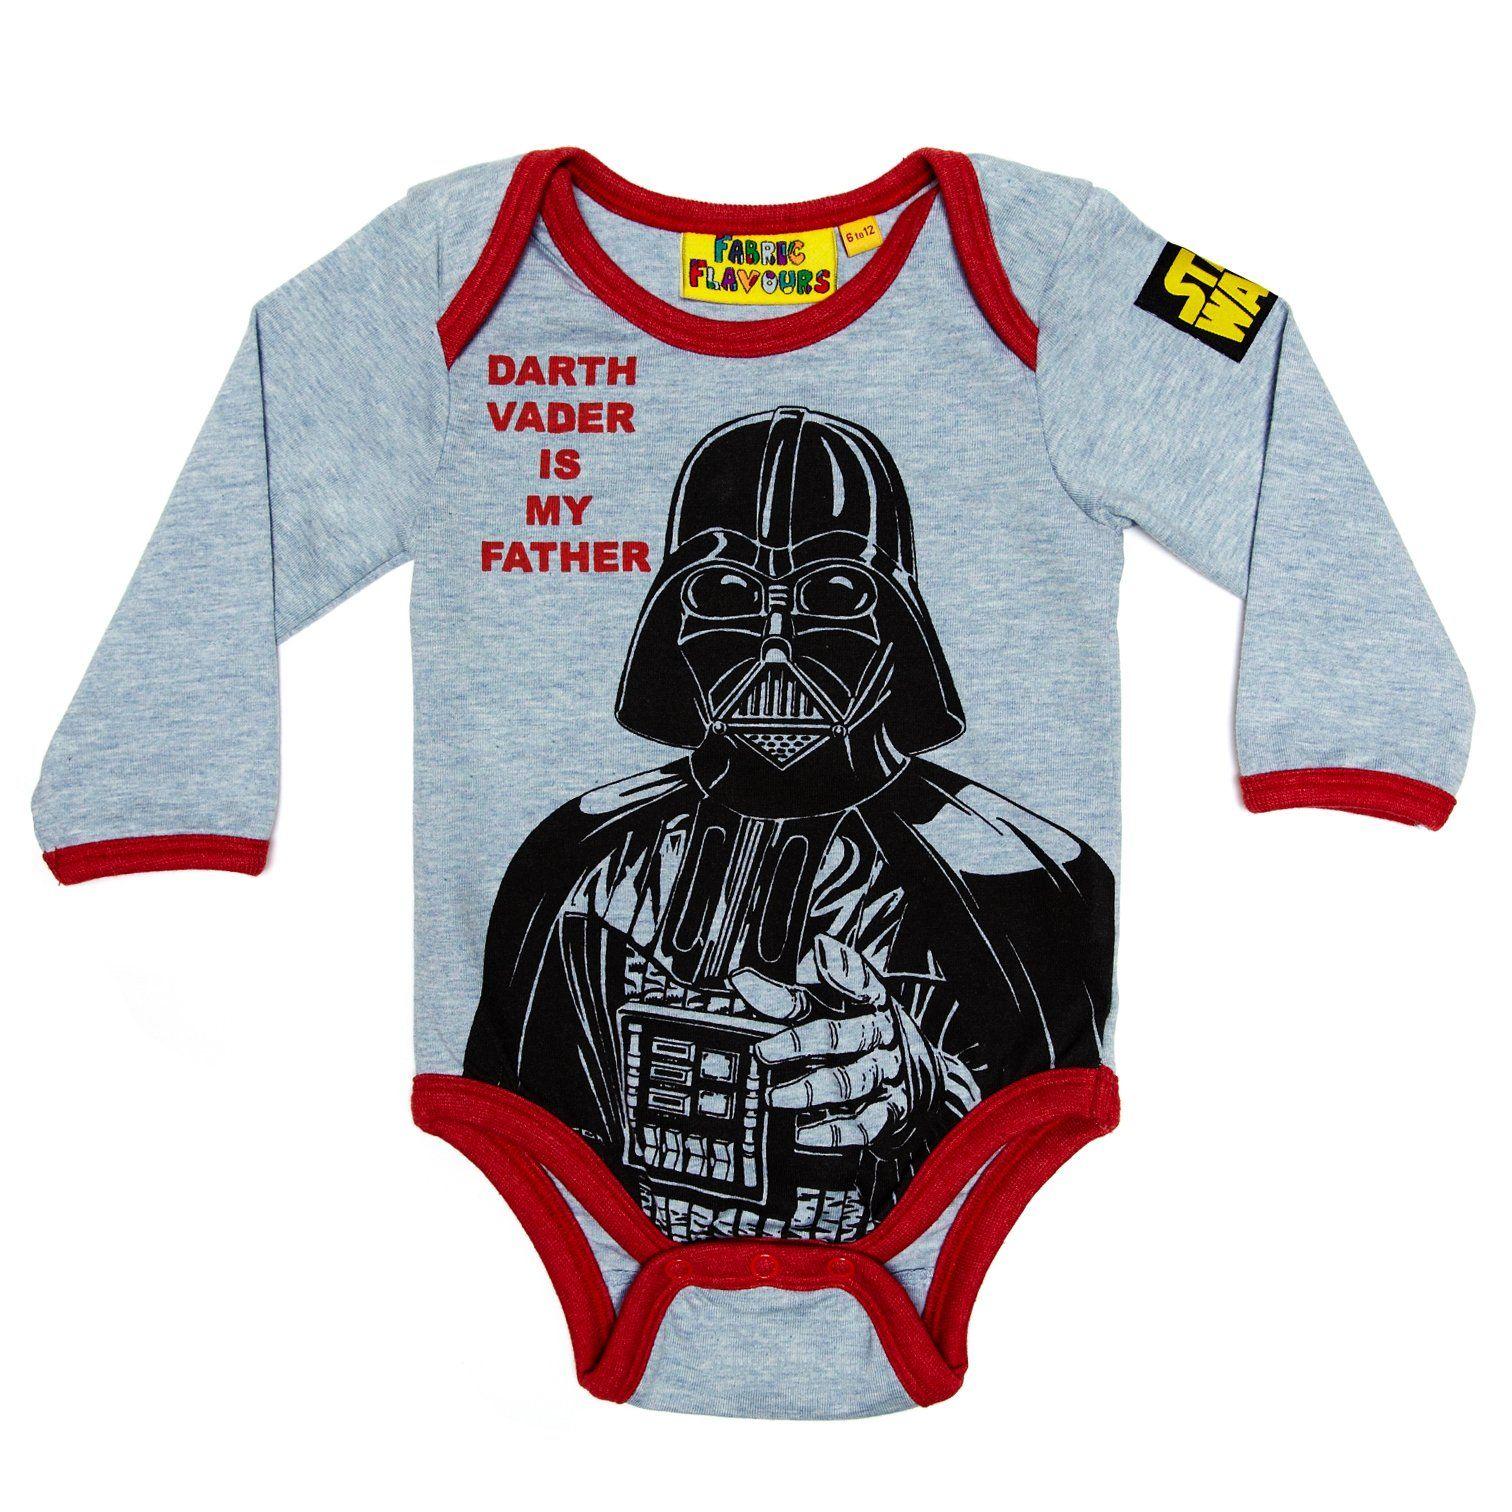 Darth vader babygrow 06 months star wars baby darth